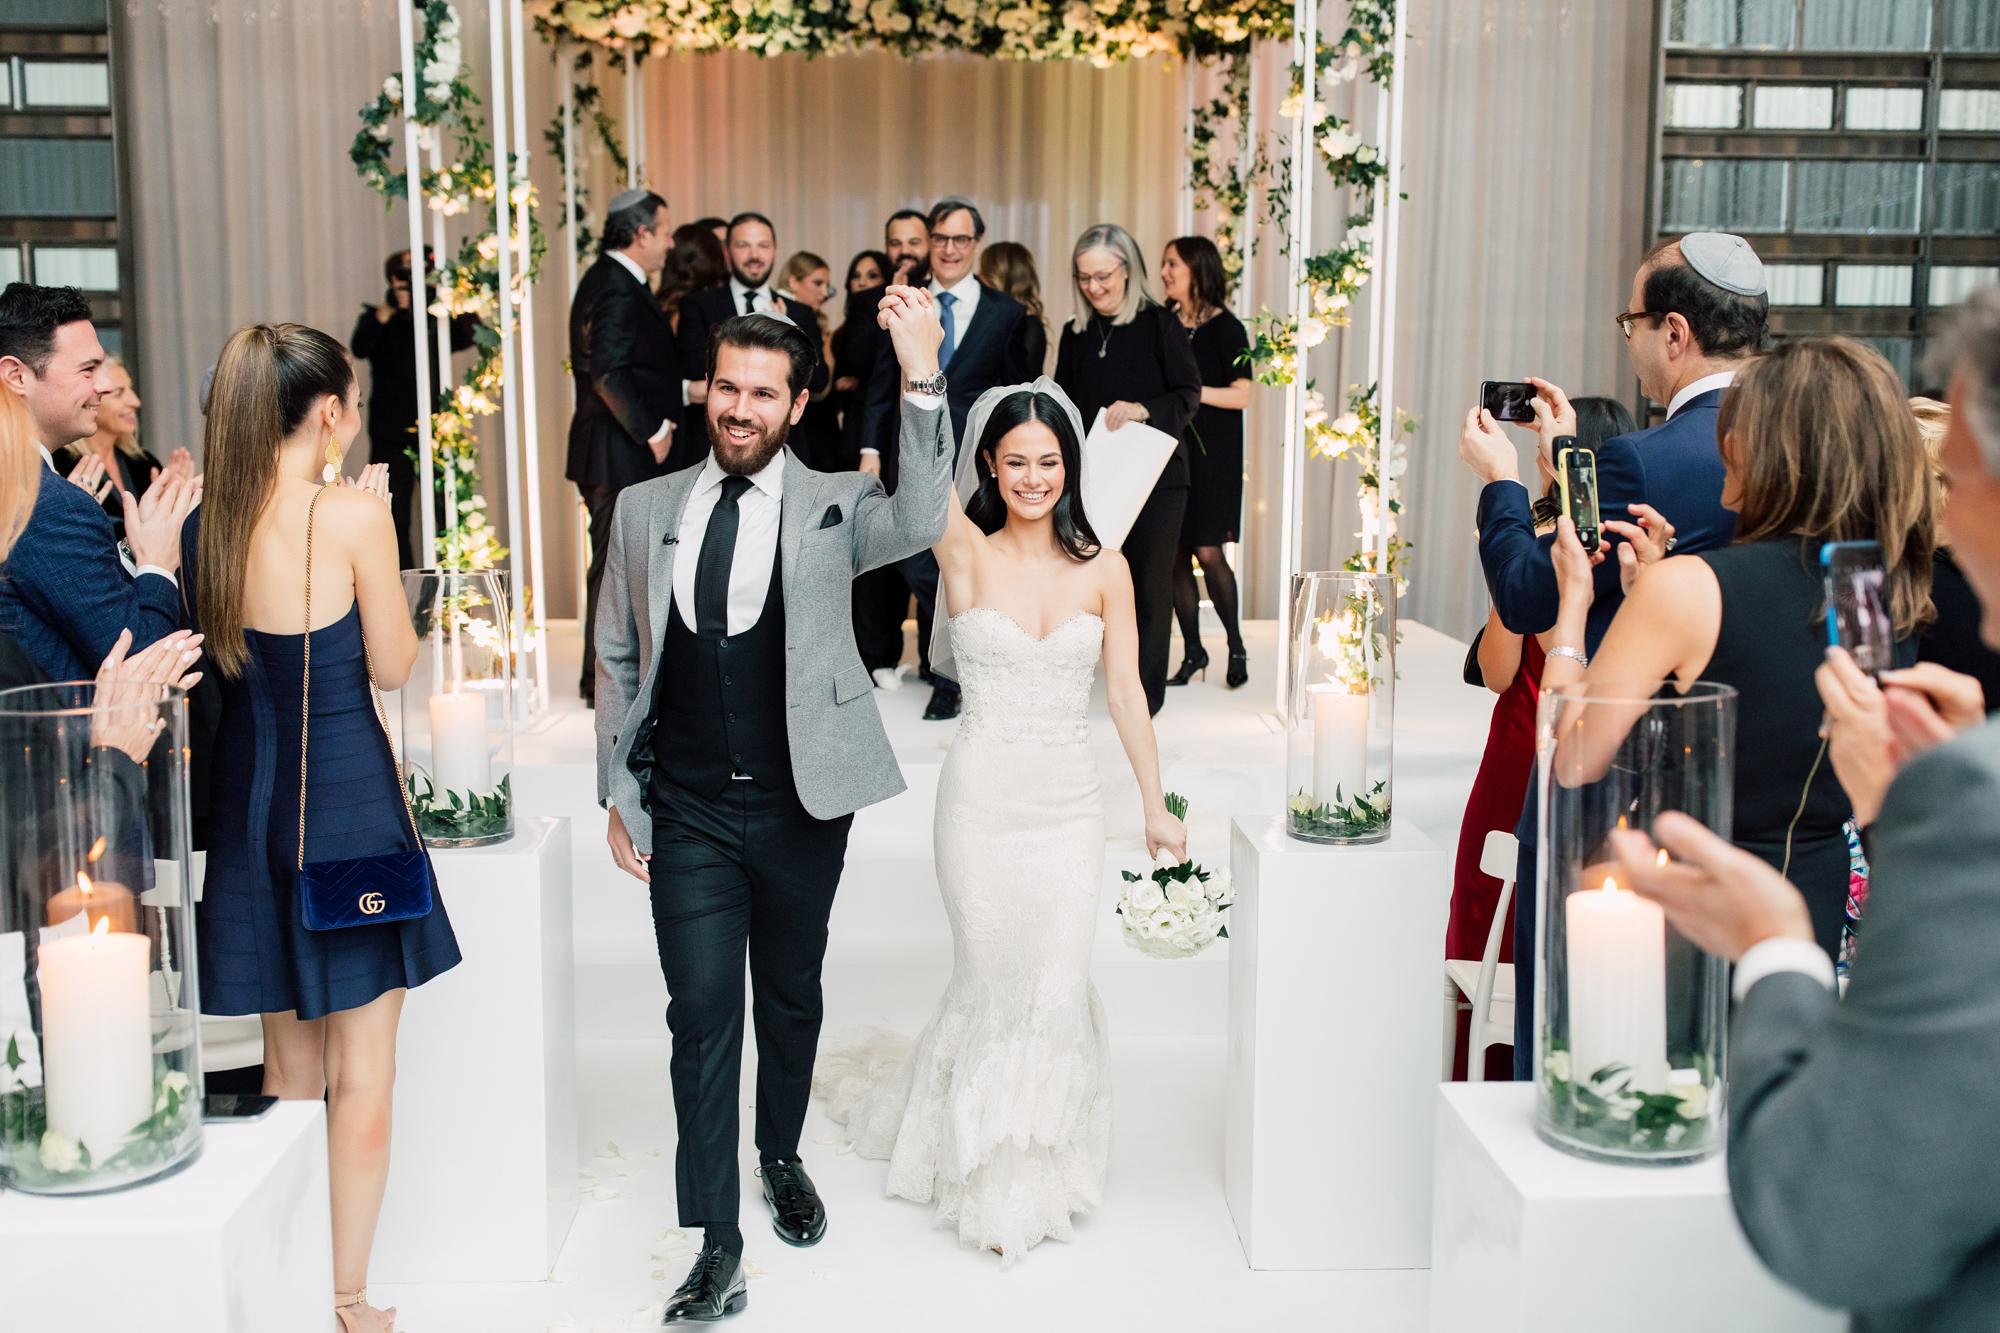 ashley lindzon wedding